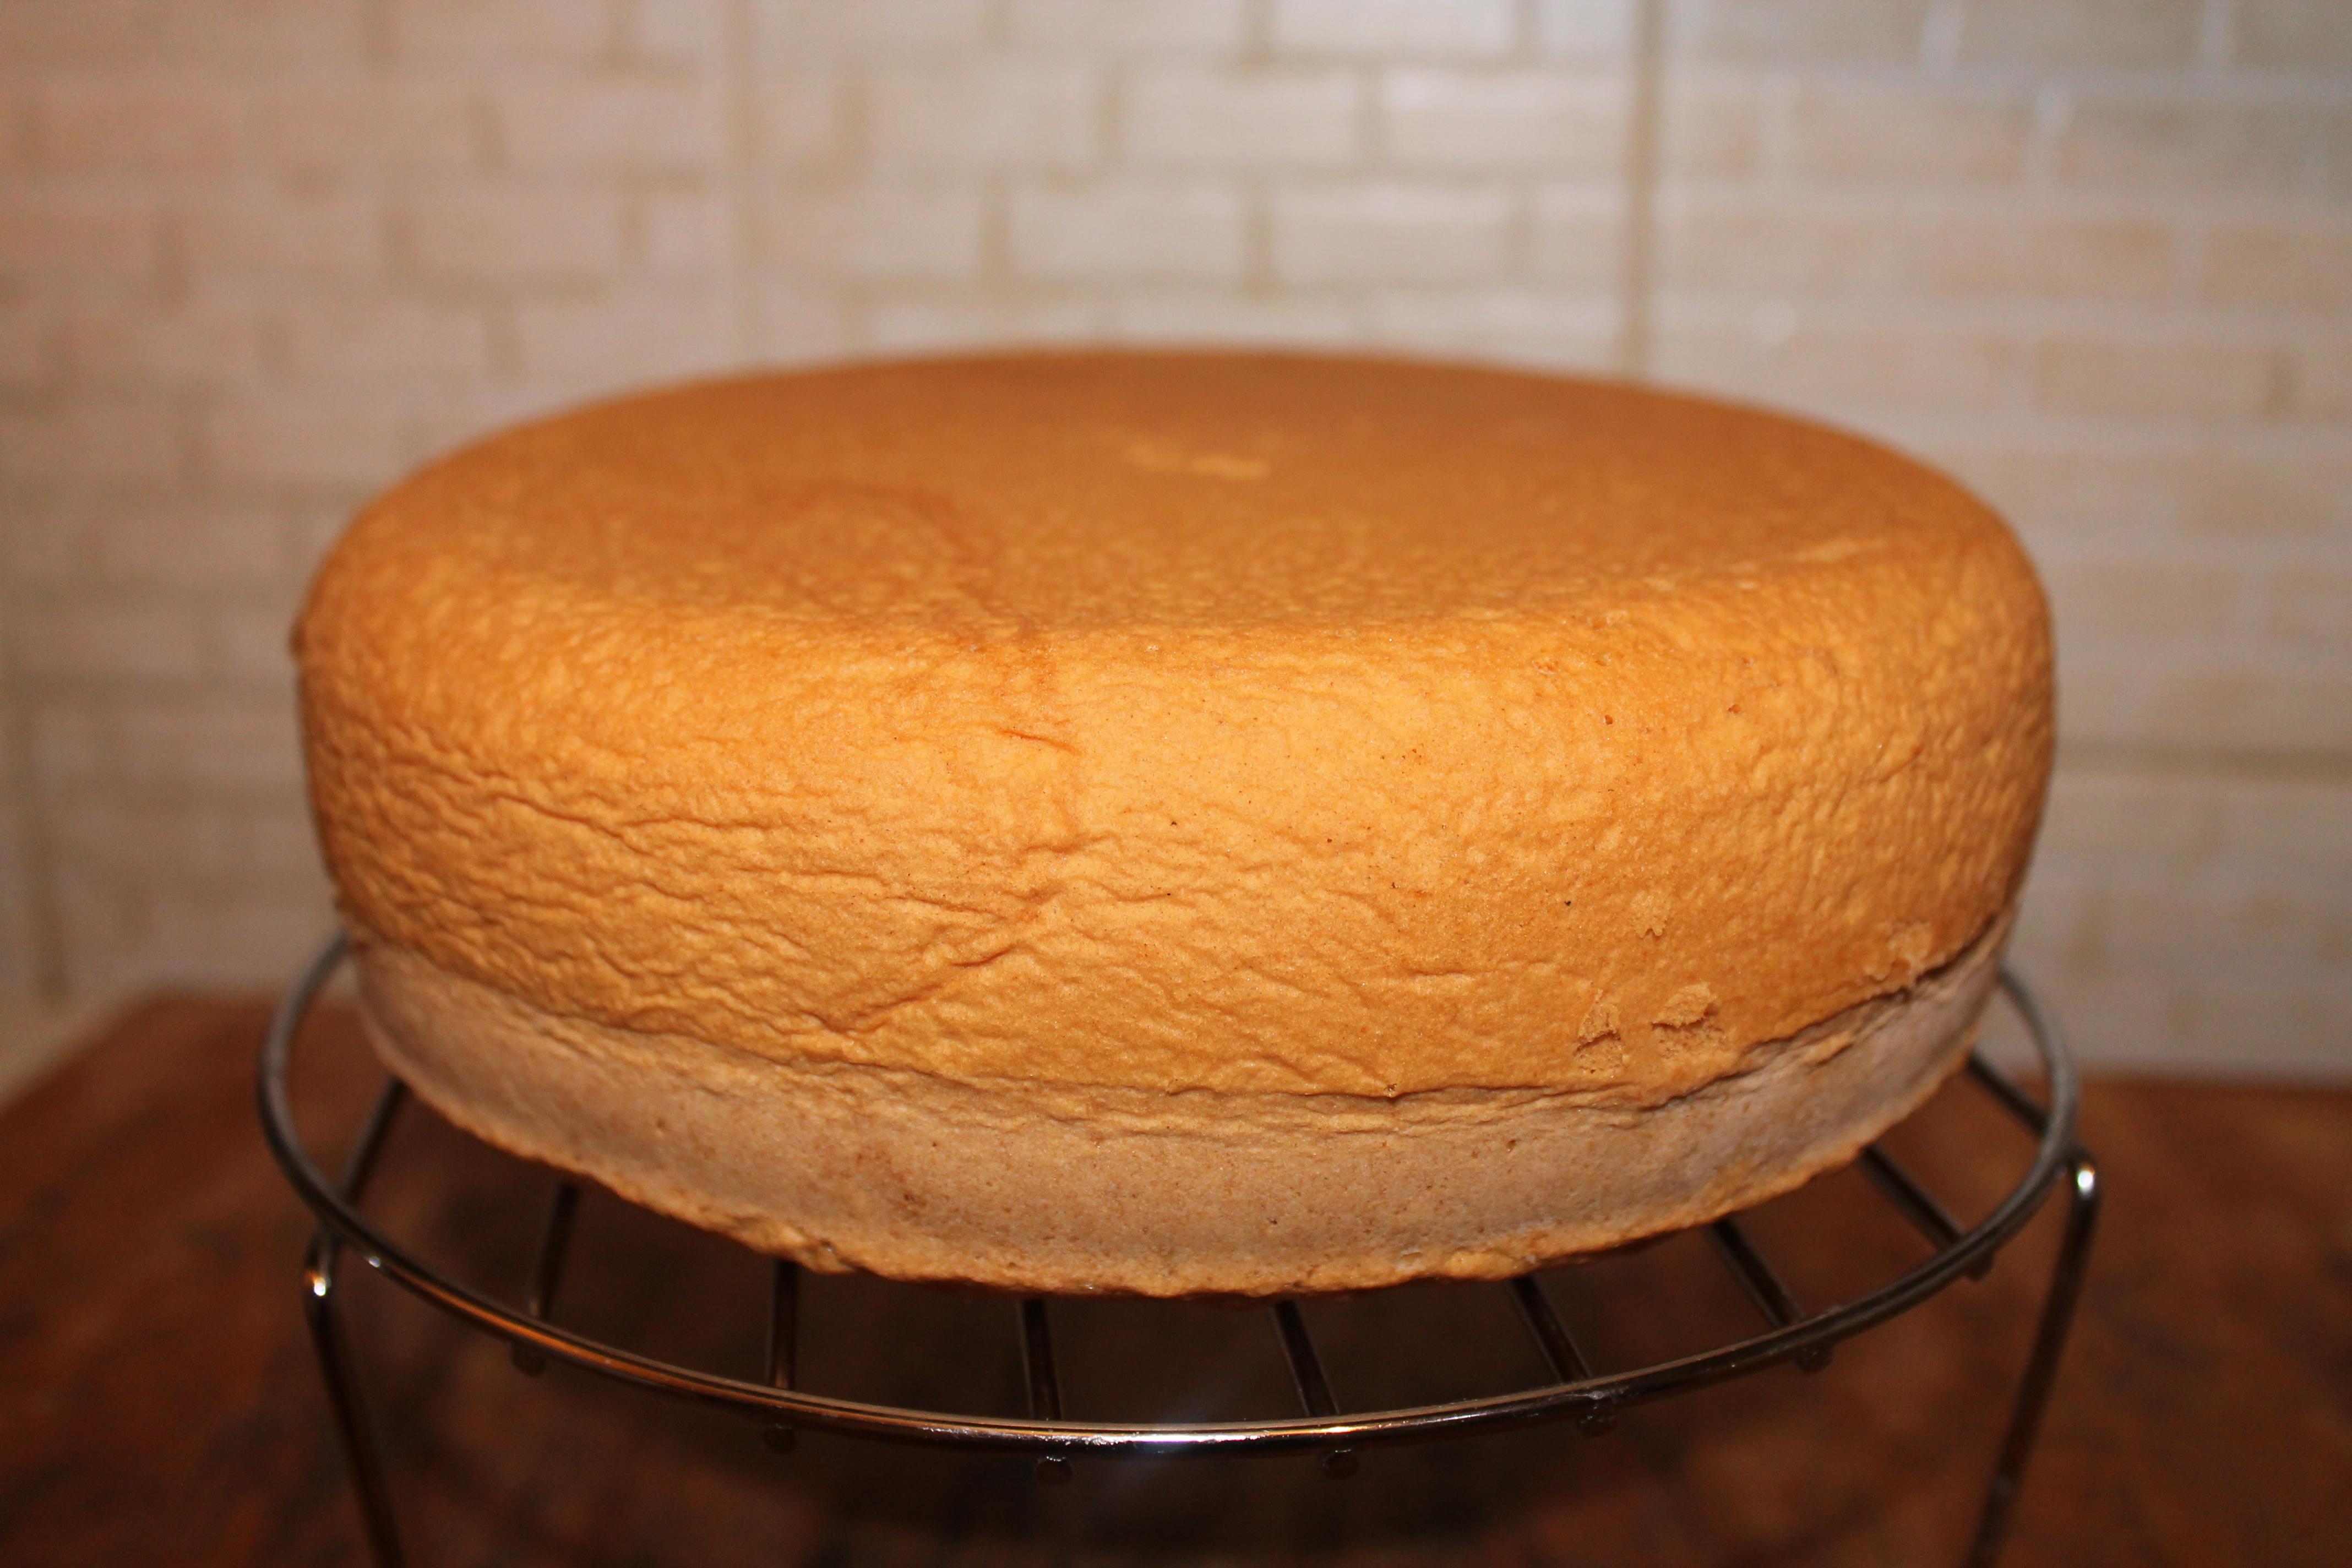 Ricetta pan di spagna classico con tabella delle quantit - Forno ventilato per torte ...